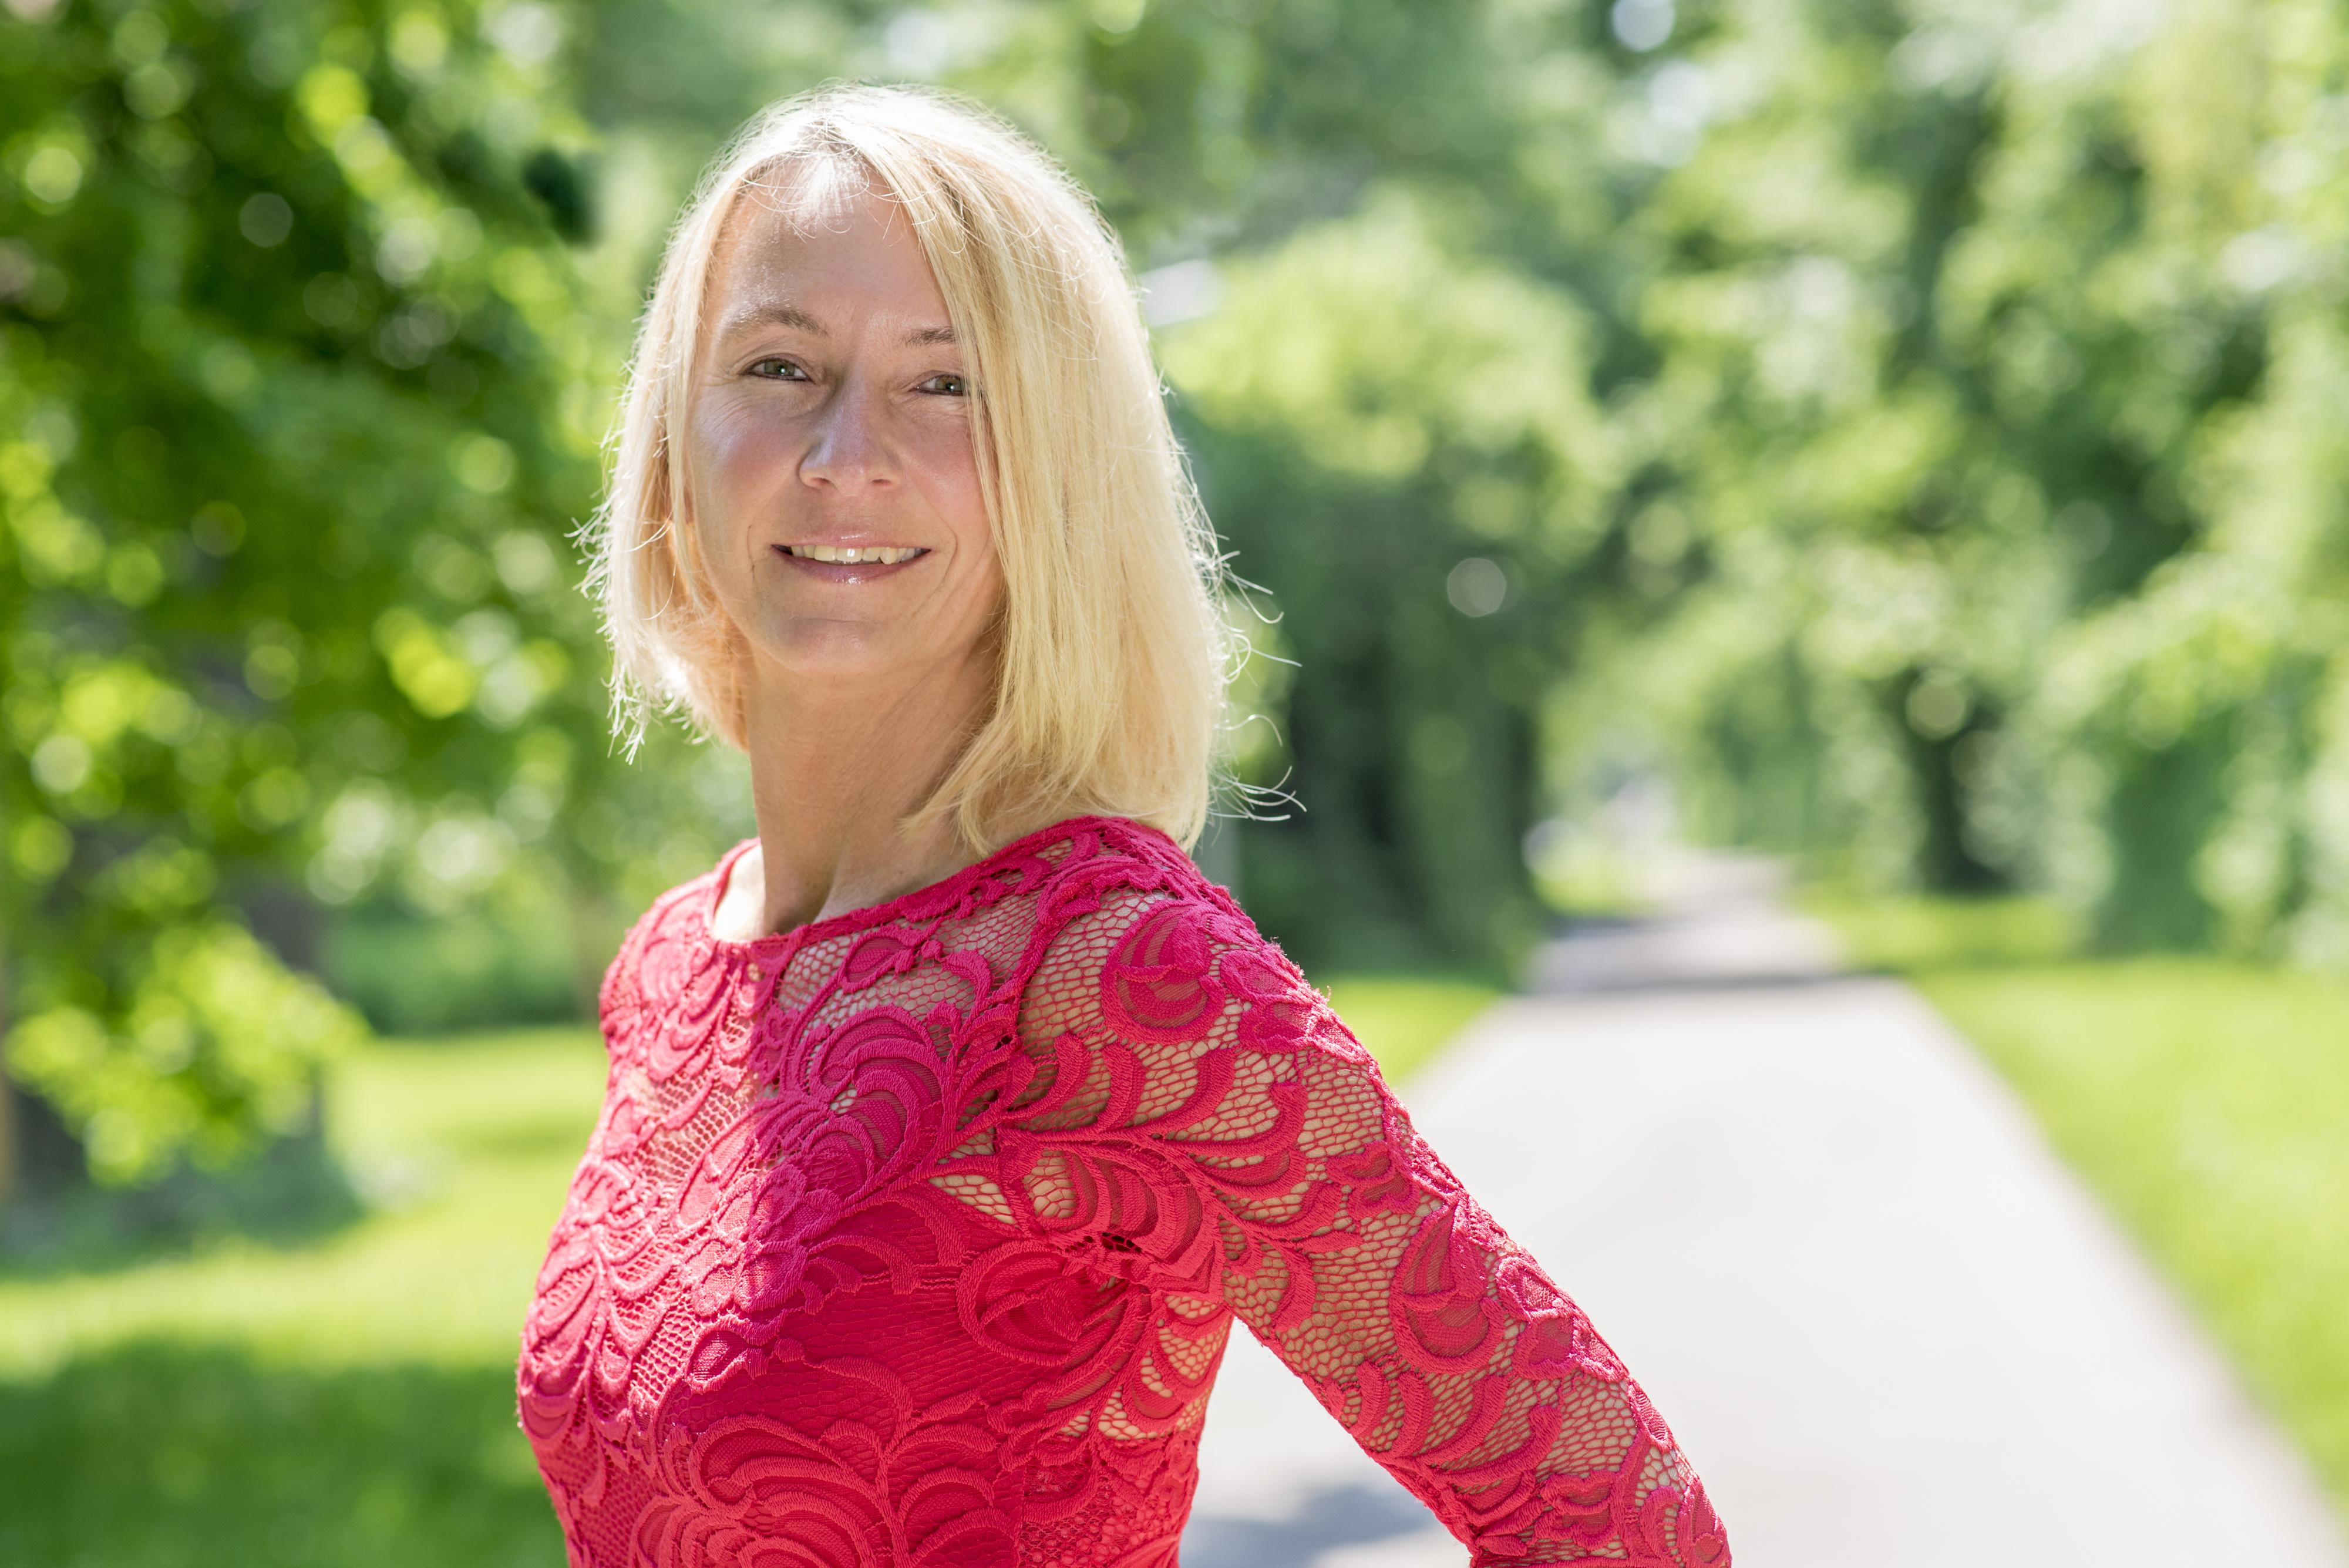 Tanija Hammer - Die Inspiration auf Deinem Weg, Verführung zum Leben, Impuls zum Bewusstsein, Raum für Wunder - Sei Du selbst mit Genuss, Freiheit, Leichtigkeit, Freude, Mut, Liebe und Dankbarkeit Tanija² die Inspiration²